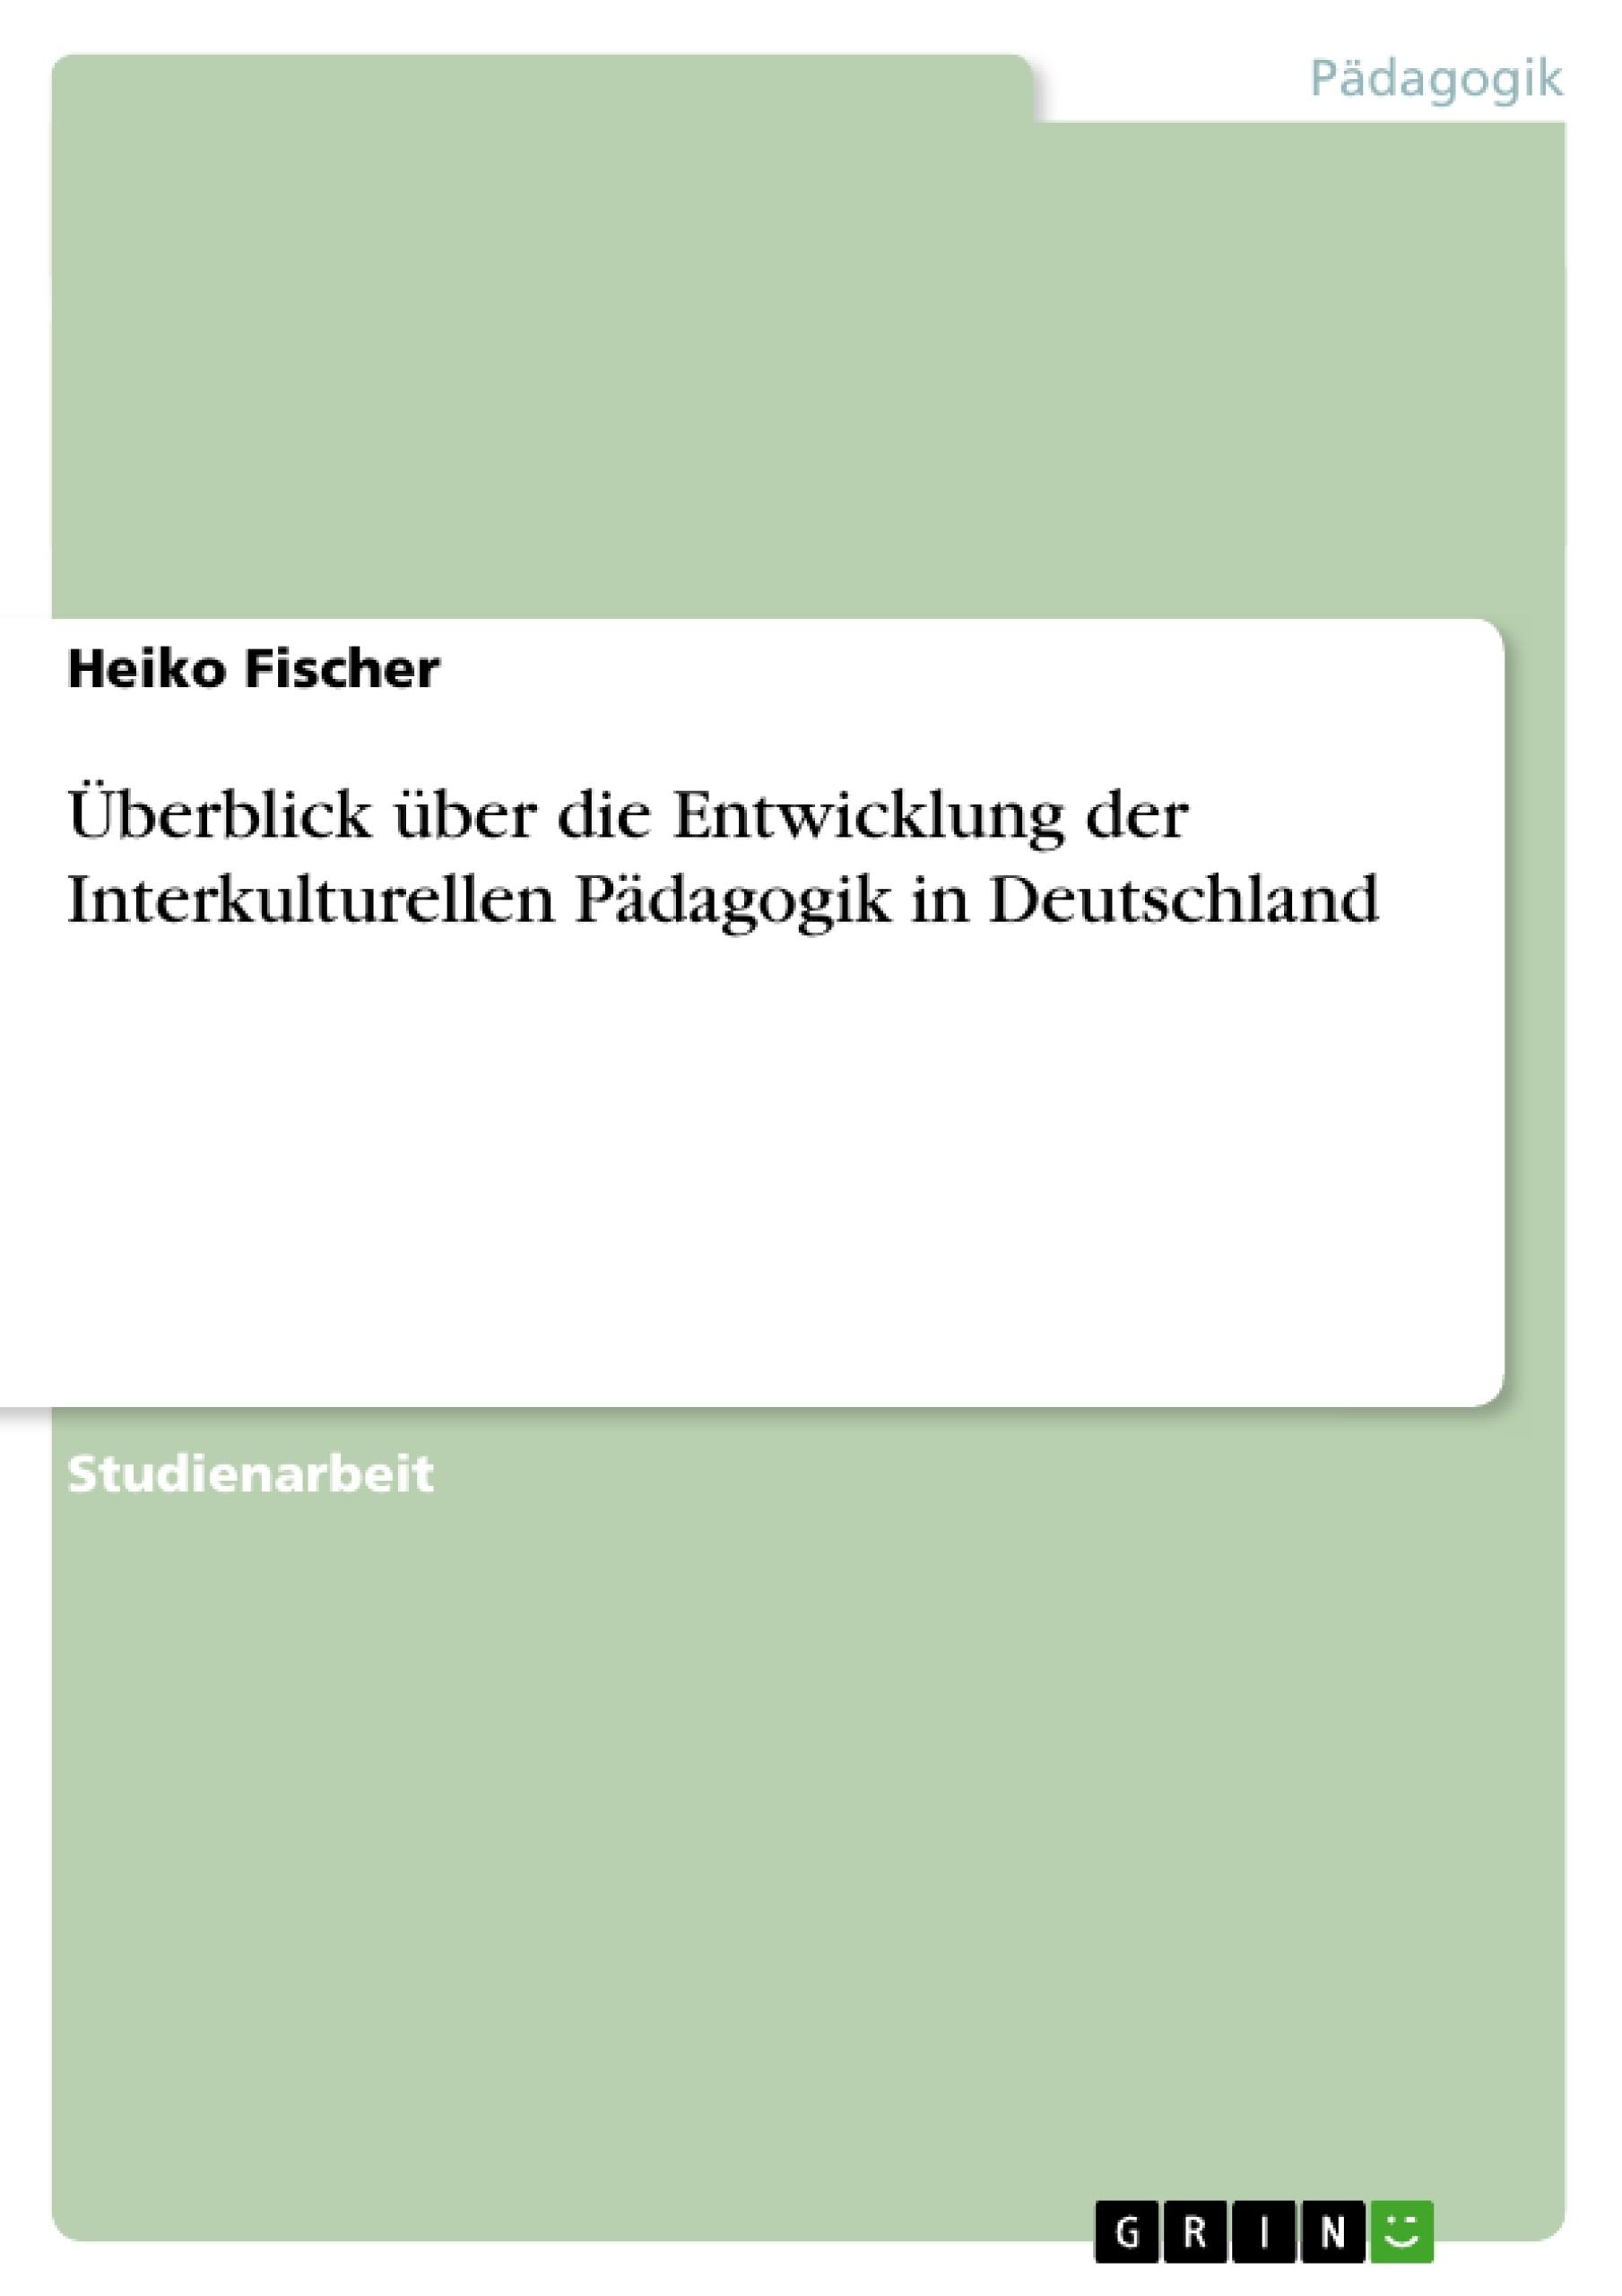 Titel: Überblick über die Entwicklung der Interkulturellen Pädagogik in Deutschland